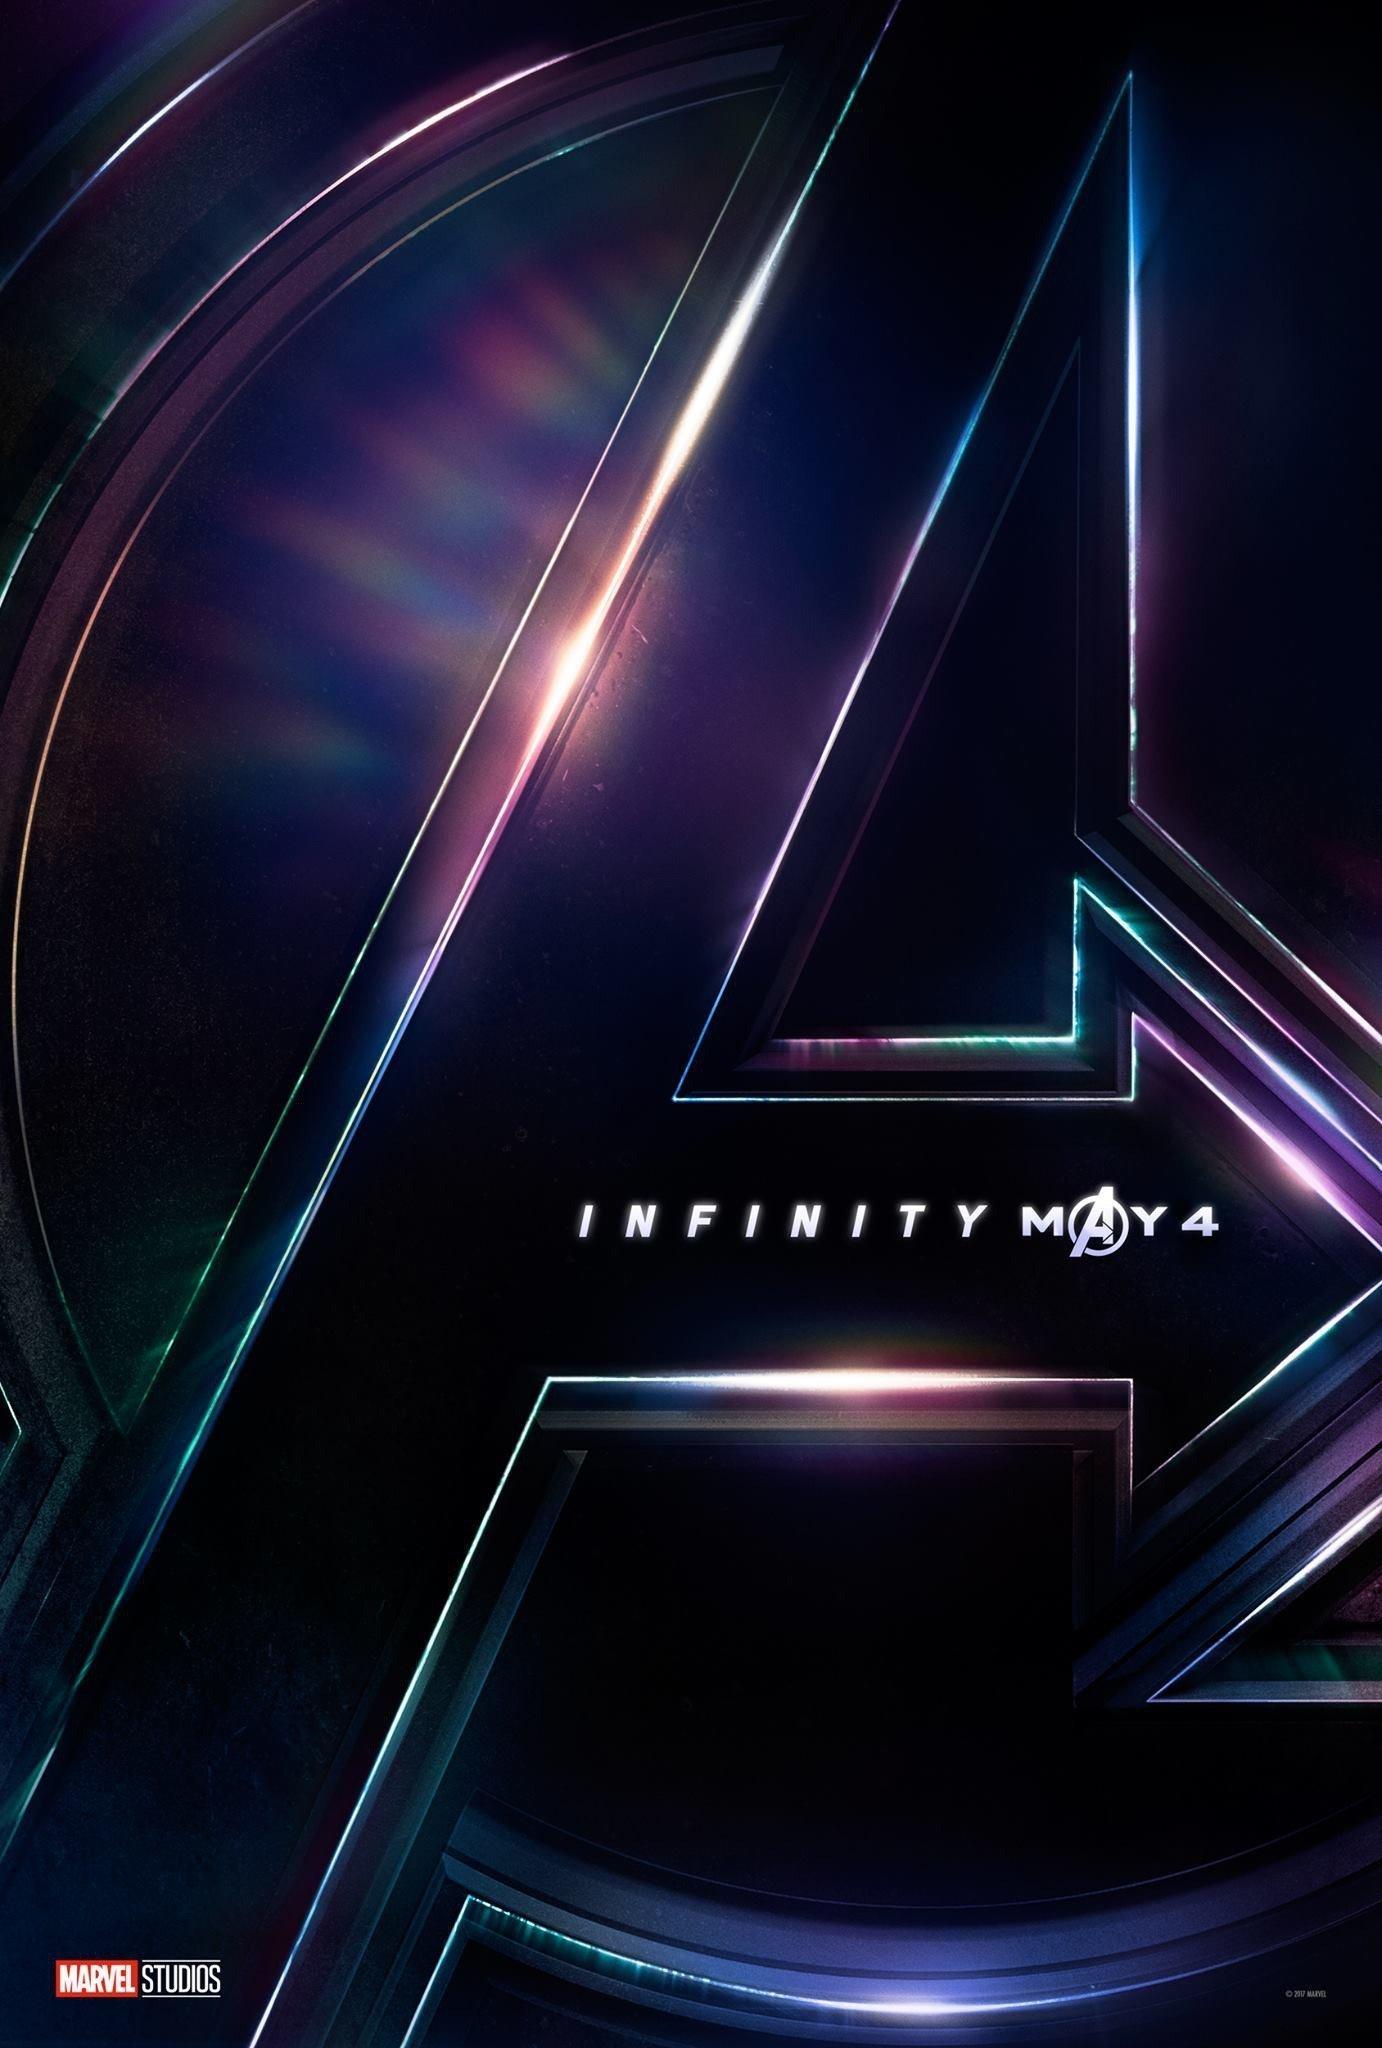 Poster teaser avec le logo pour le film Avengers: Infinity War